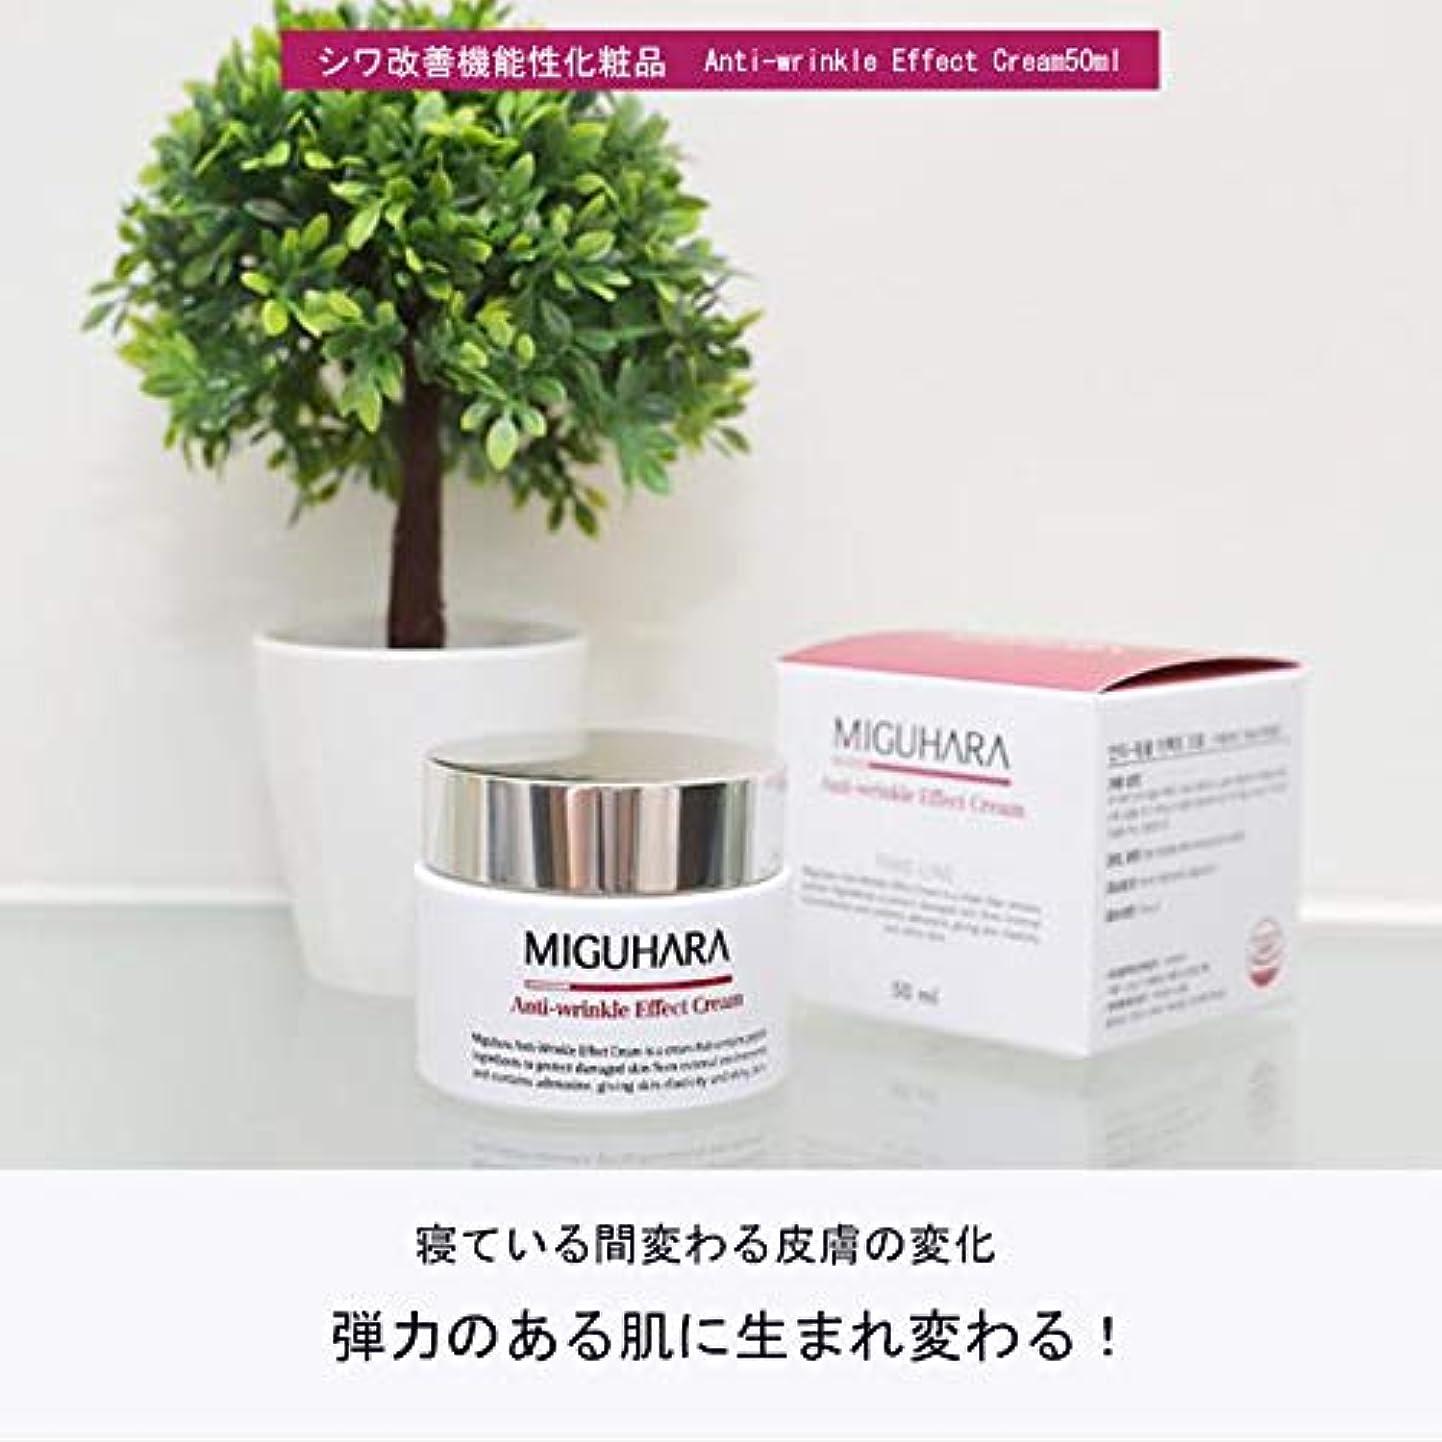 飢発掘する州MIGUHARA アンチ-リンクルエフェクトクリーム 50ml / Anti-wrinkle Effect Cream 50ml